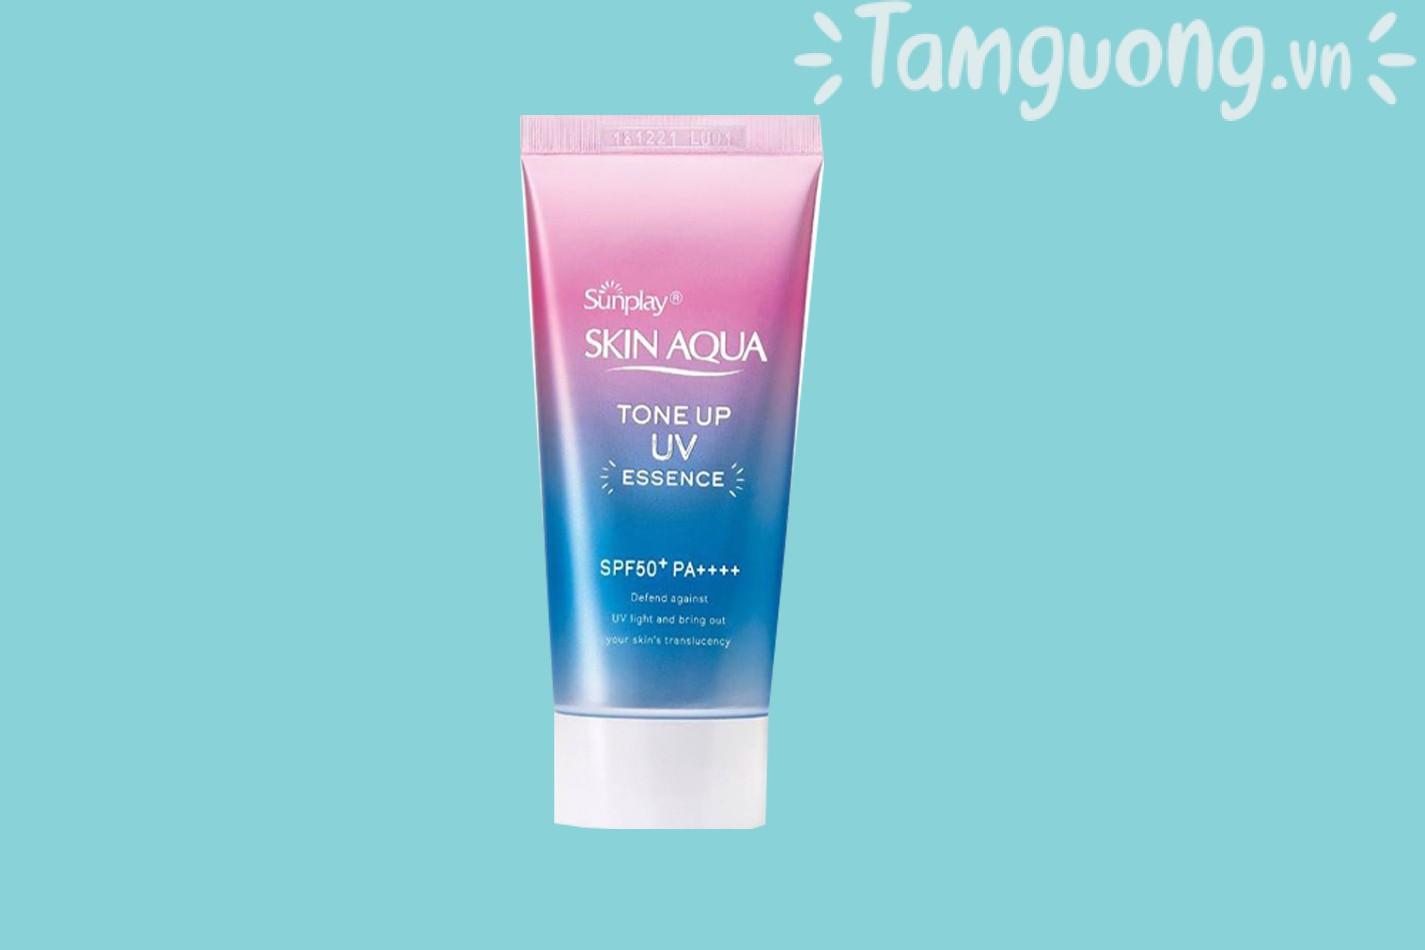 Kem chống nắng Skin Aqua cho da mụn